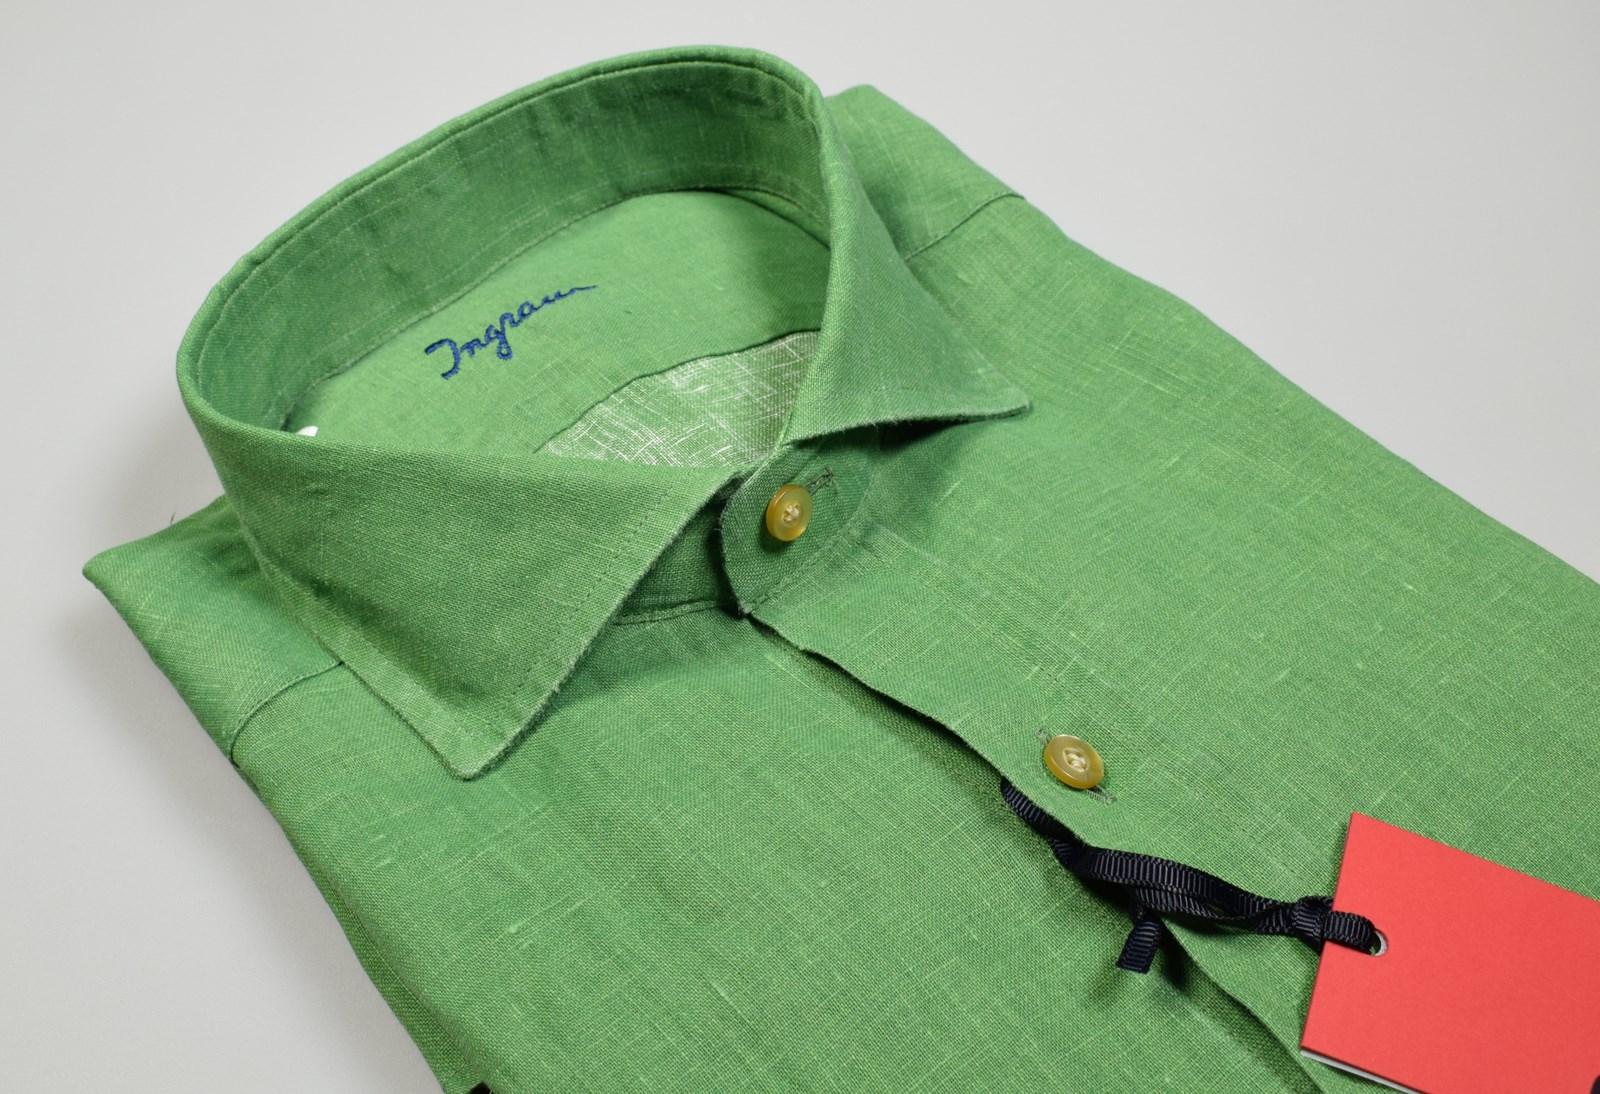 41d91fce23 Camicia verde in puro lino tinta in capo ingram modern fit collo alla  francese